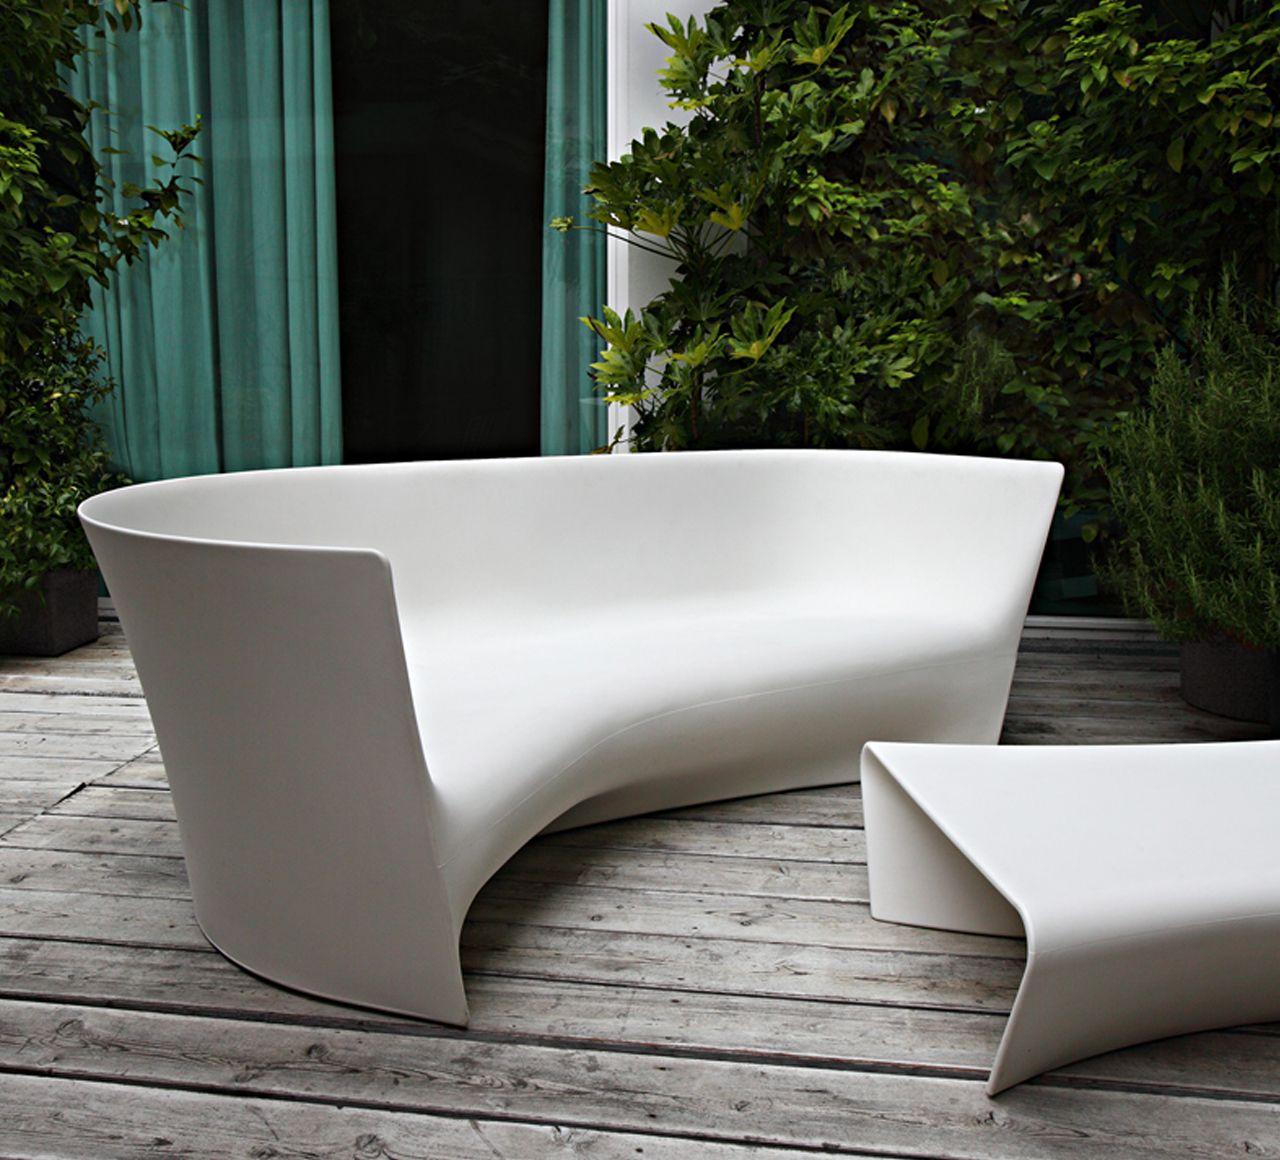 Vivereverde tavolino piaff tavolini da esterno for Tavolini da esterno